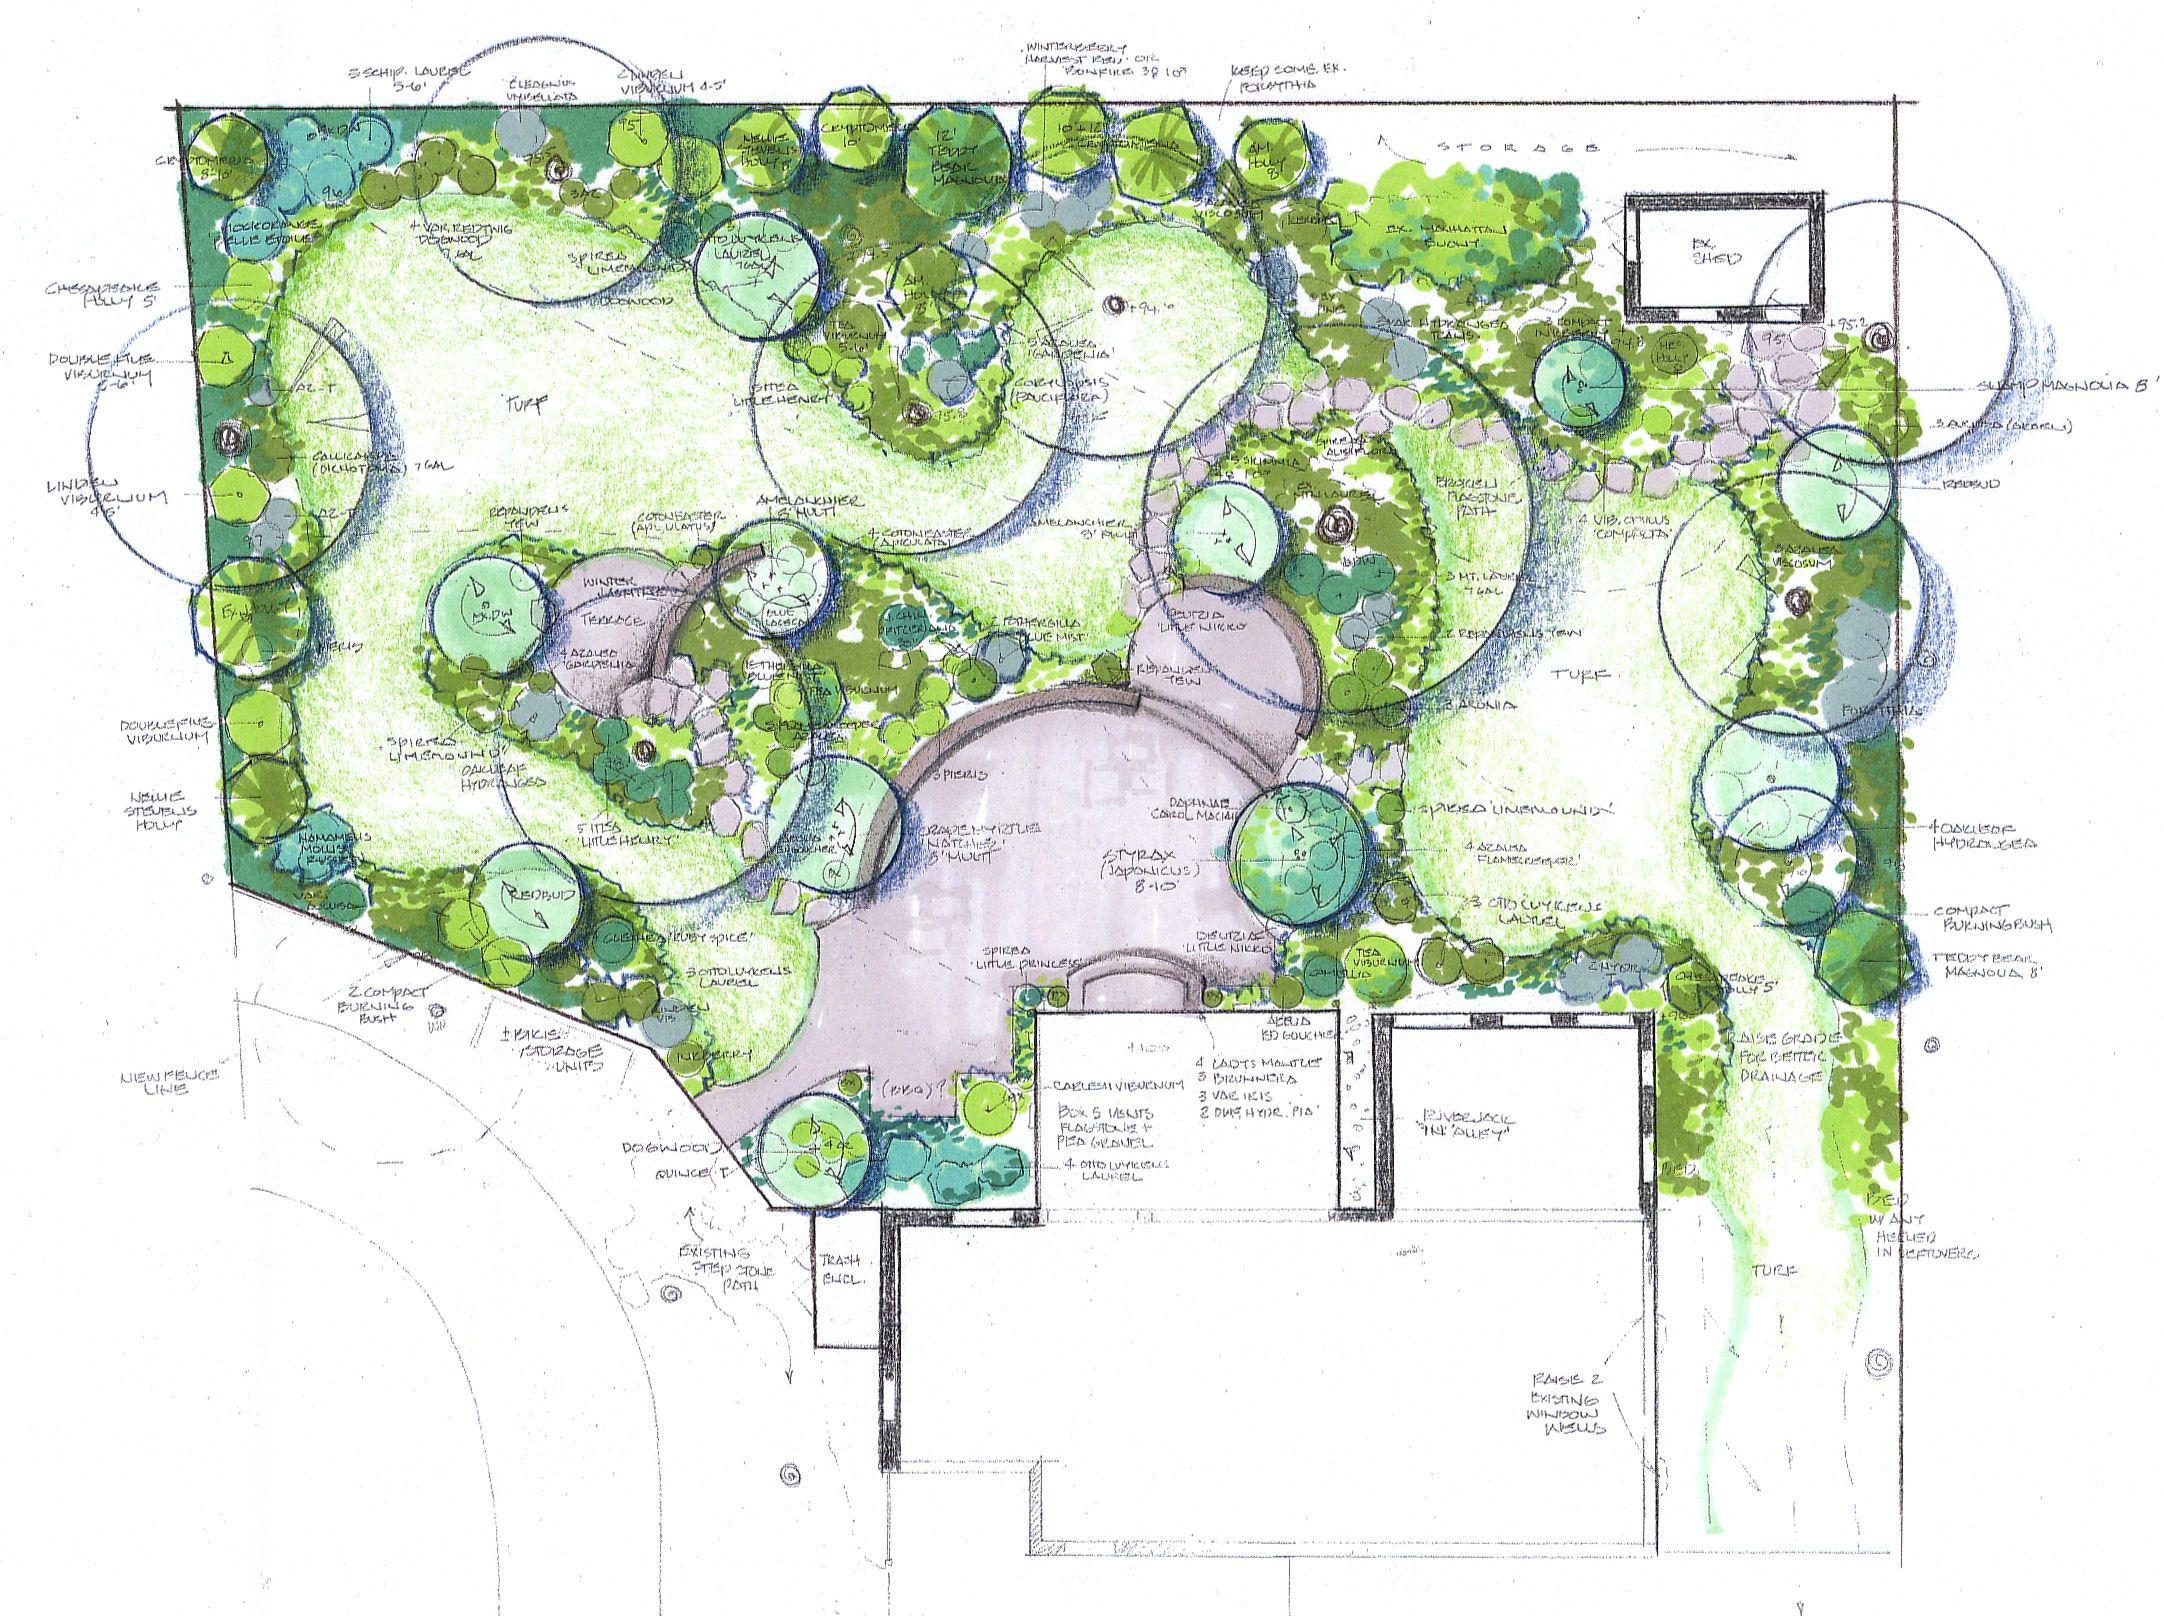 20 Garden Design Plans Simphome Landscape Design Drawings Landscape Design Program Free Landscape Design